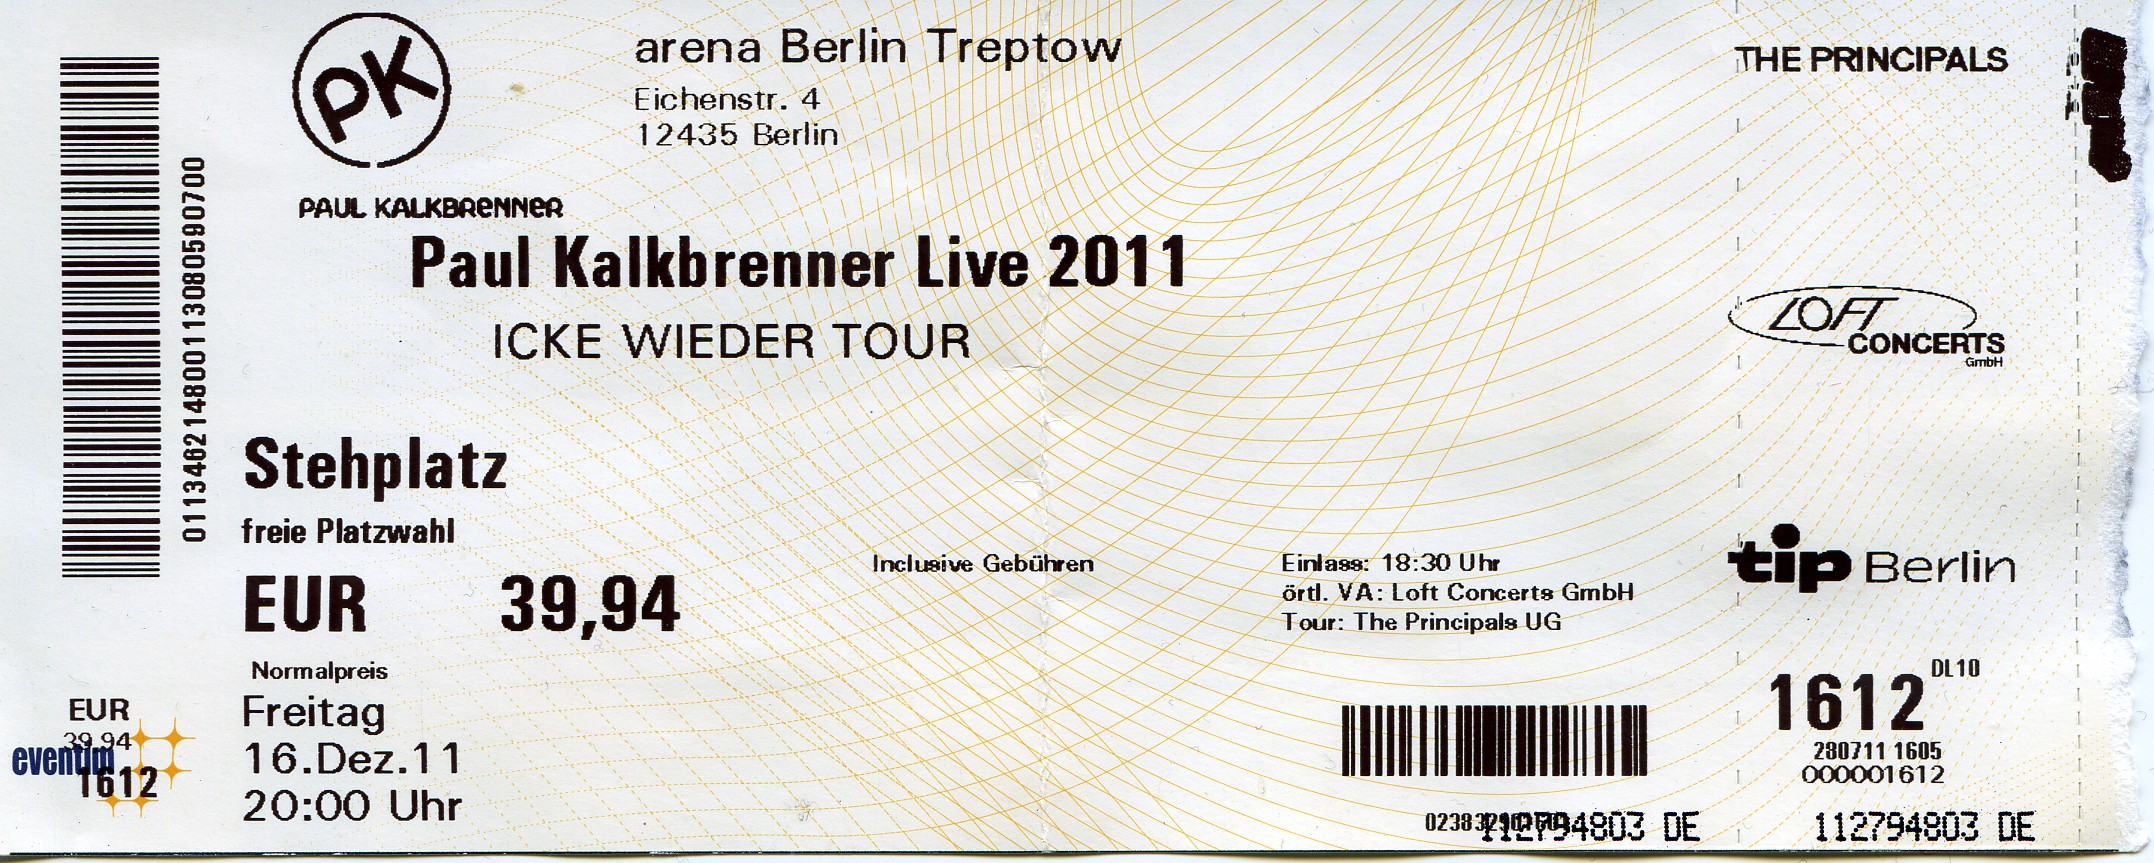 Schön Konzert Ticket Vorlage Wort Galerie - Beispiel Wiederaufnahme ...